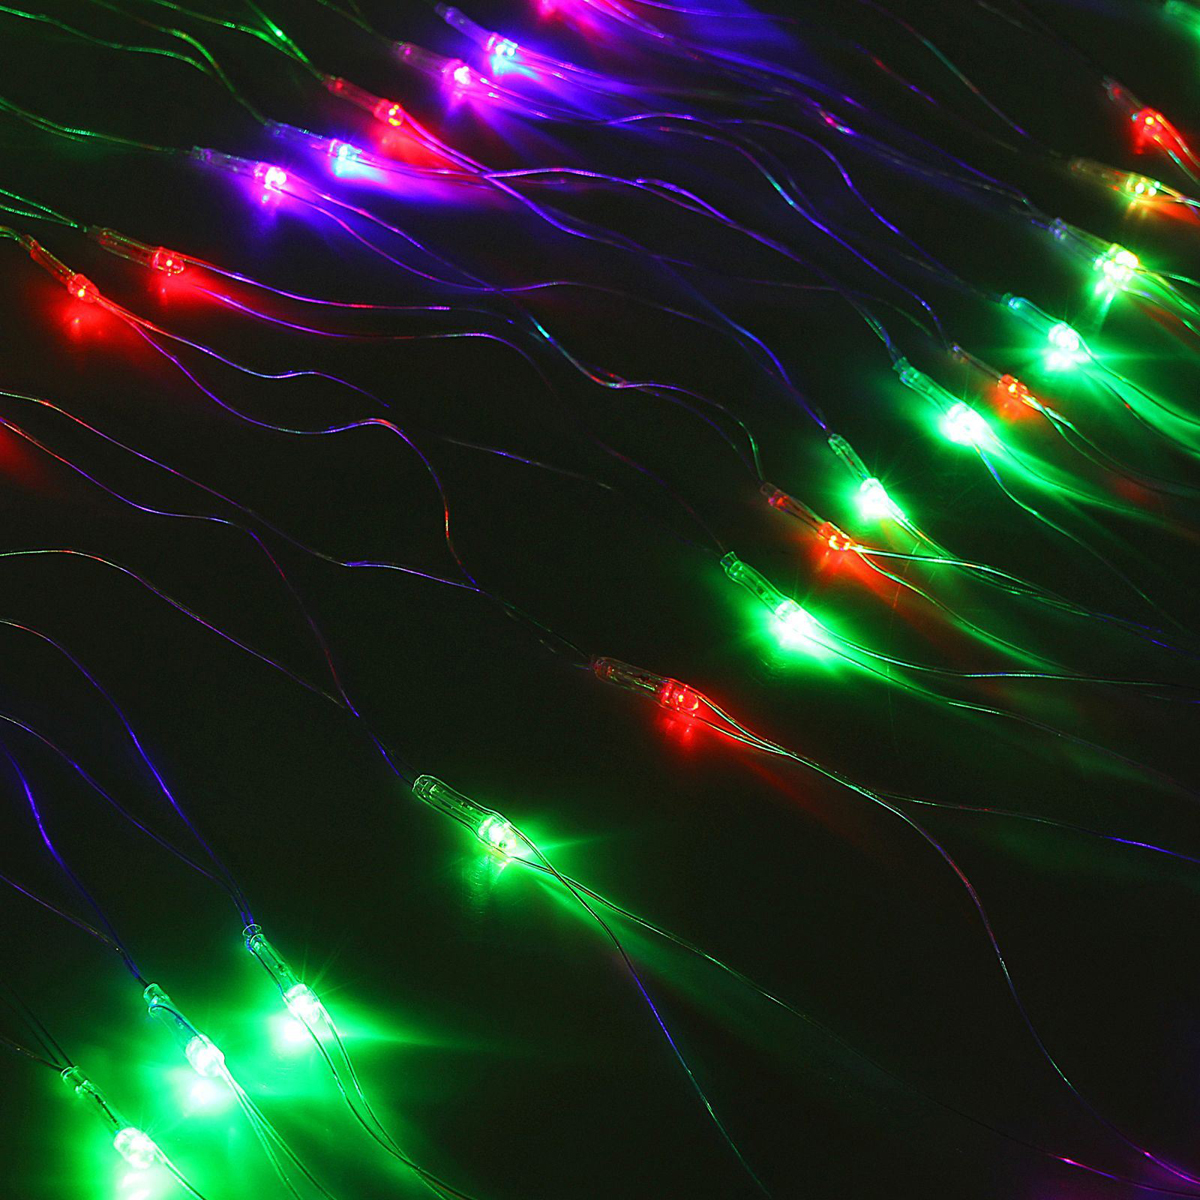 Гирлянда Luazon Сетка, длина 1,5 м, LED 240 ламп, 220V, цвет: мультиколор1080503Светодиодные гирлянды, ленты и т.д — это отличный вариант для новогоднего оформления интерьера или фасада. С их помощью помещение любого размера можно превратить в праздничный зал, а внешние элементы зданий, украшенные ими, мгновенно станут напоминать очертания сказочного дворца. Такие украшения создают ауру предвкушения чуда. Деревья, фасады, витрины, окна и арки будто специально созданы, чтобы вы украсили их светящимися нитями.